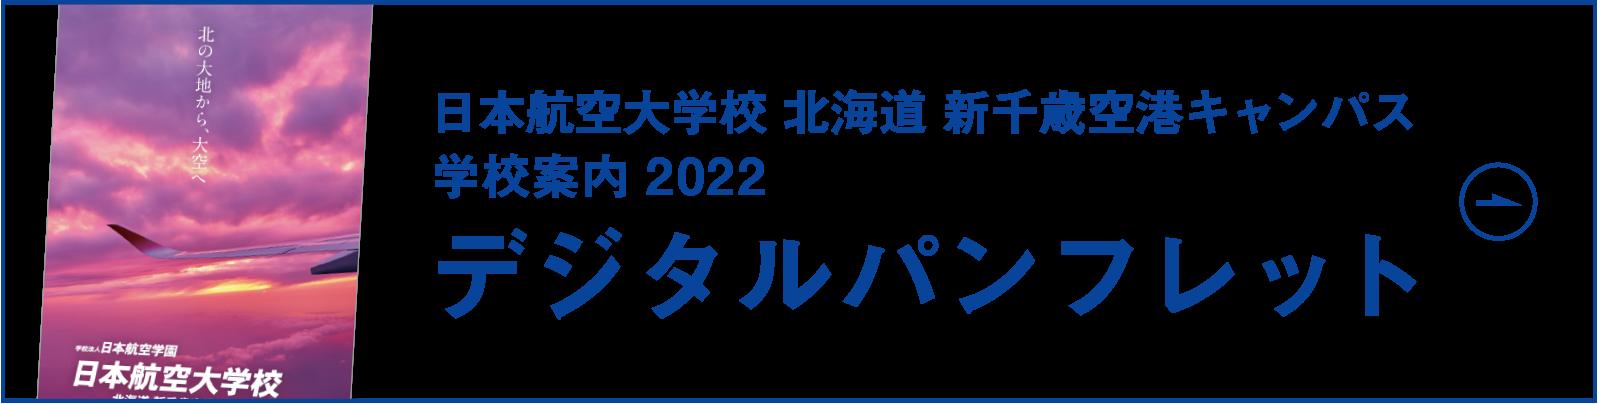 学校案内2021 デジタルパンフレット